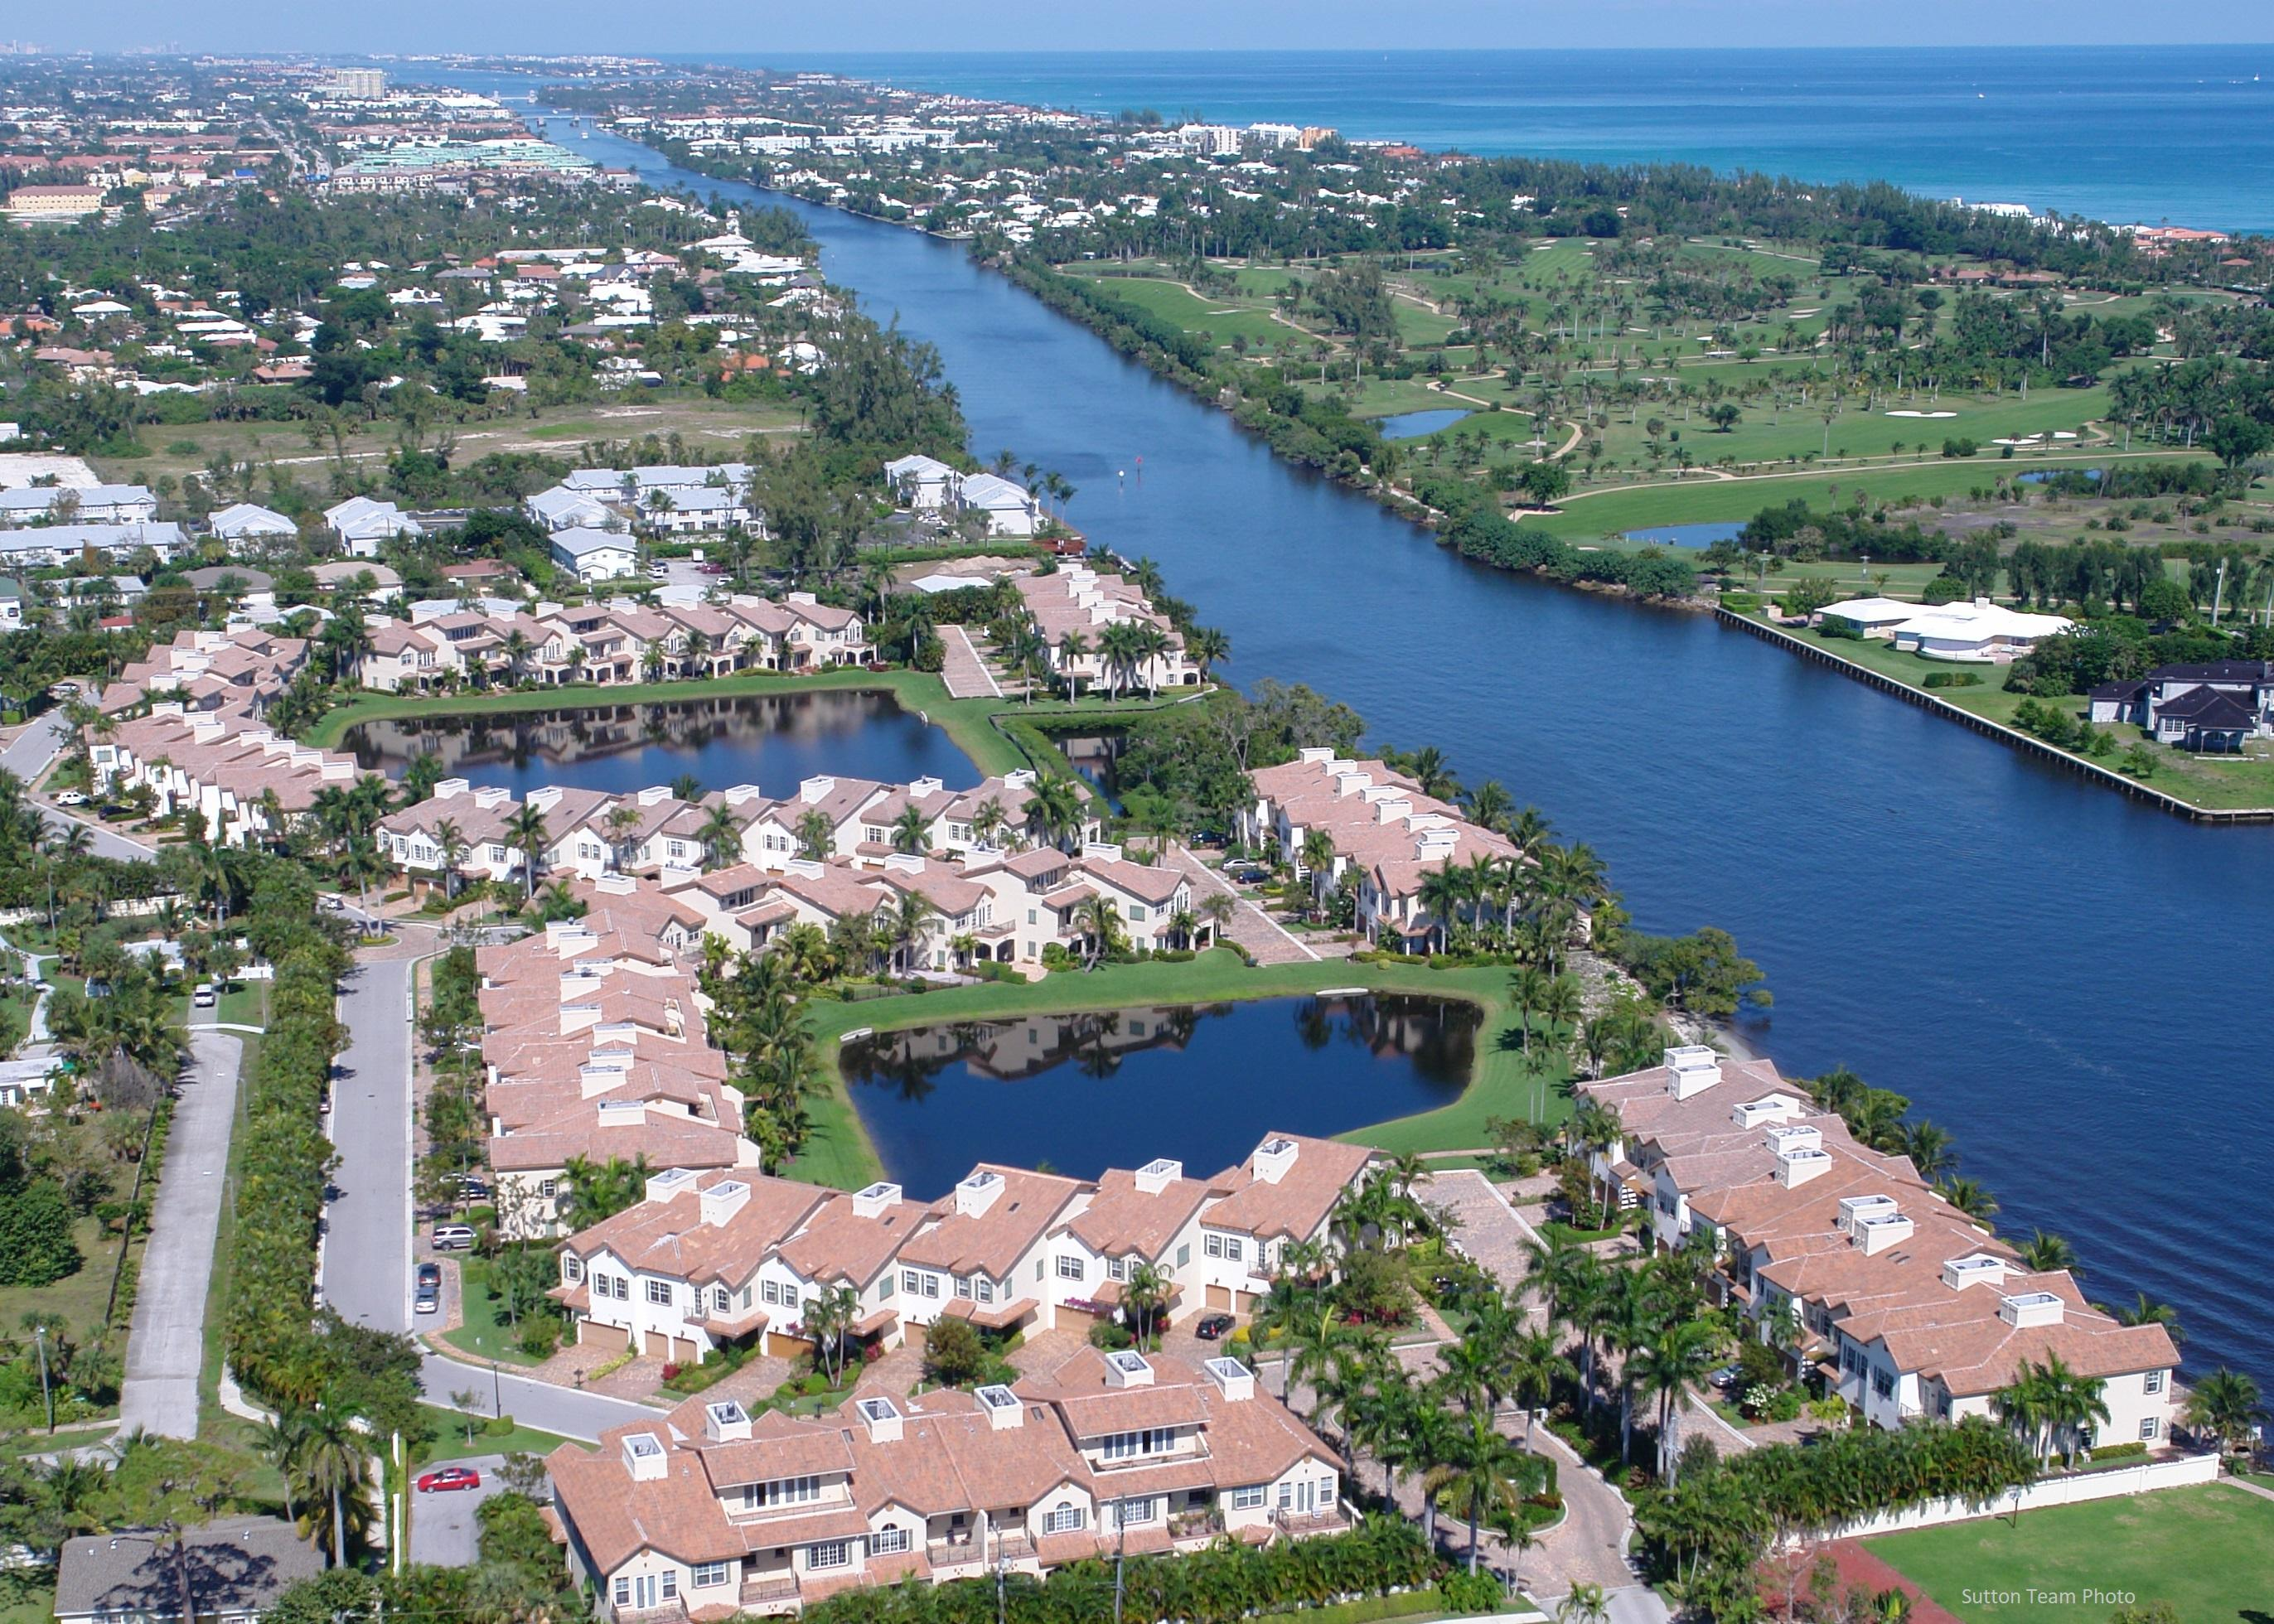 ESTUARY DELRAY BEACH FLORIDA